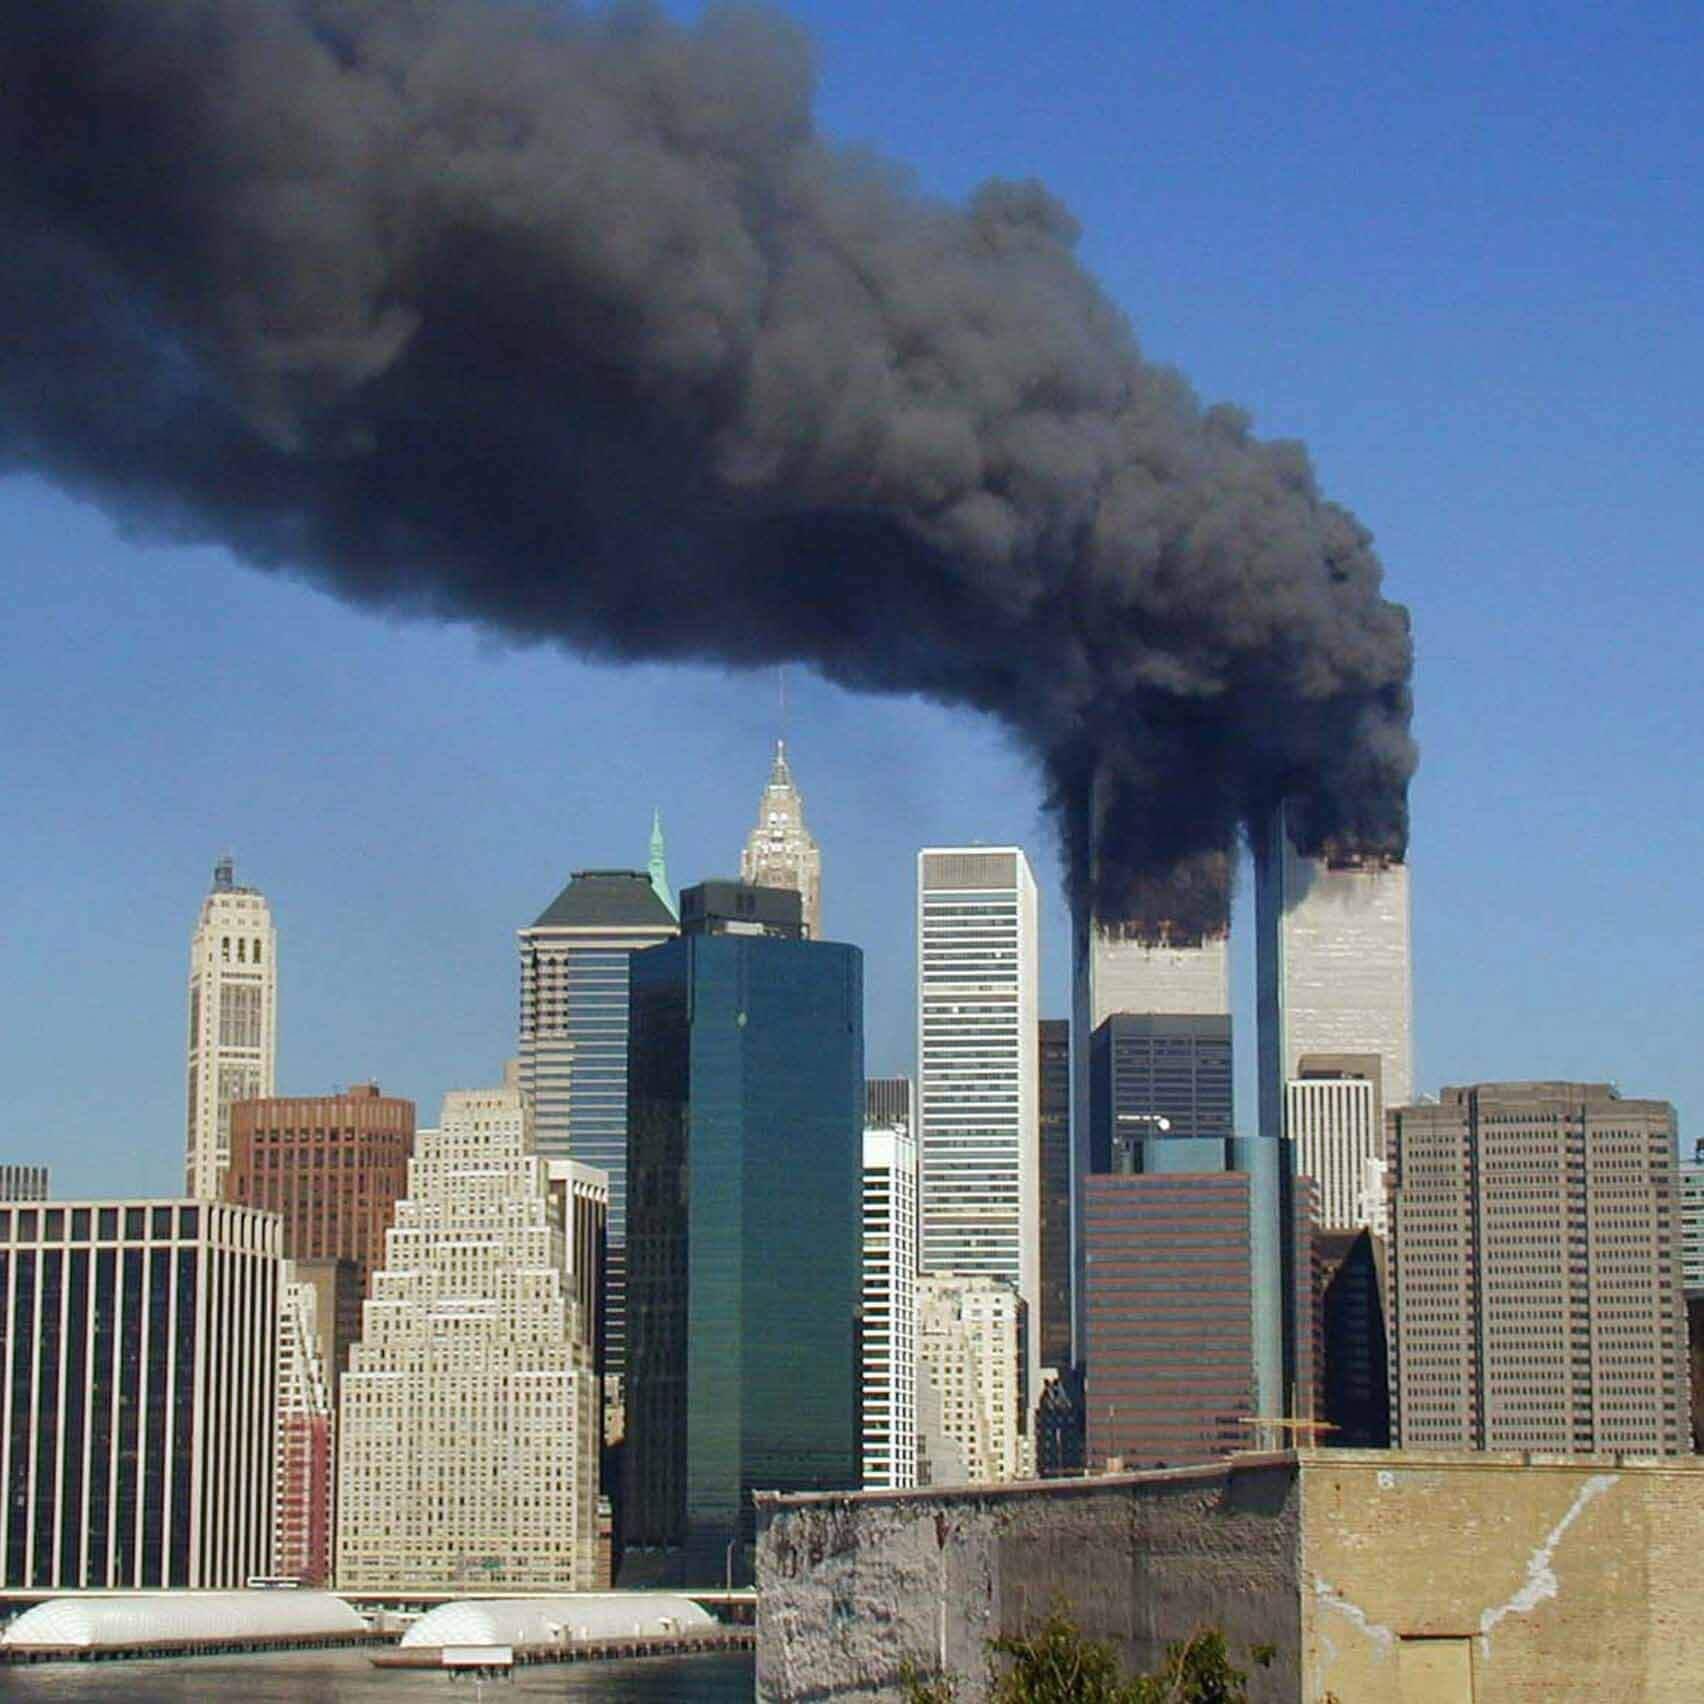 Архитекторы вспоминают события 11 сентября в 20-летний юбилей